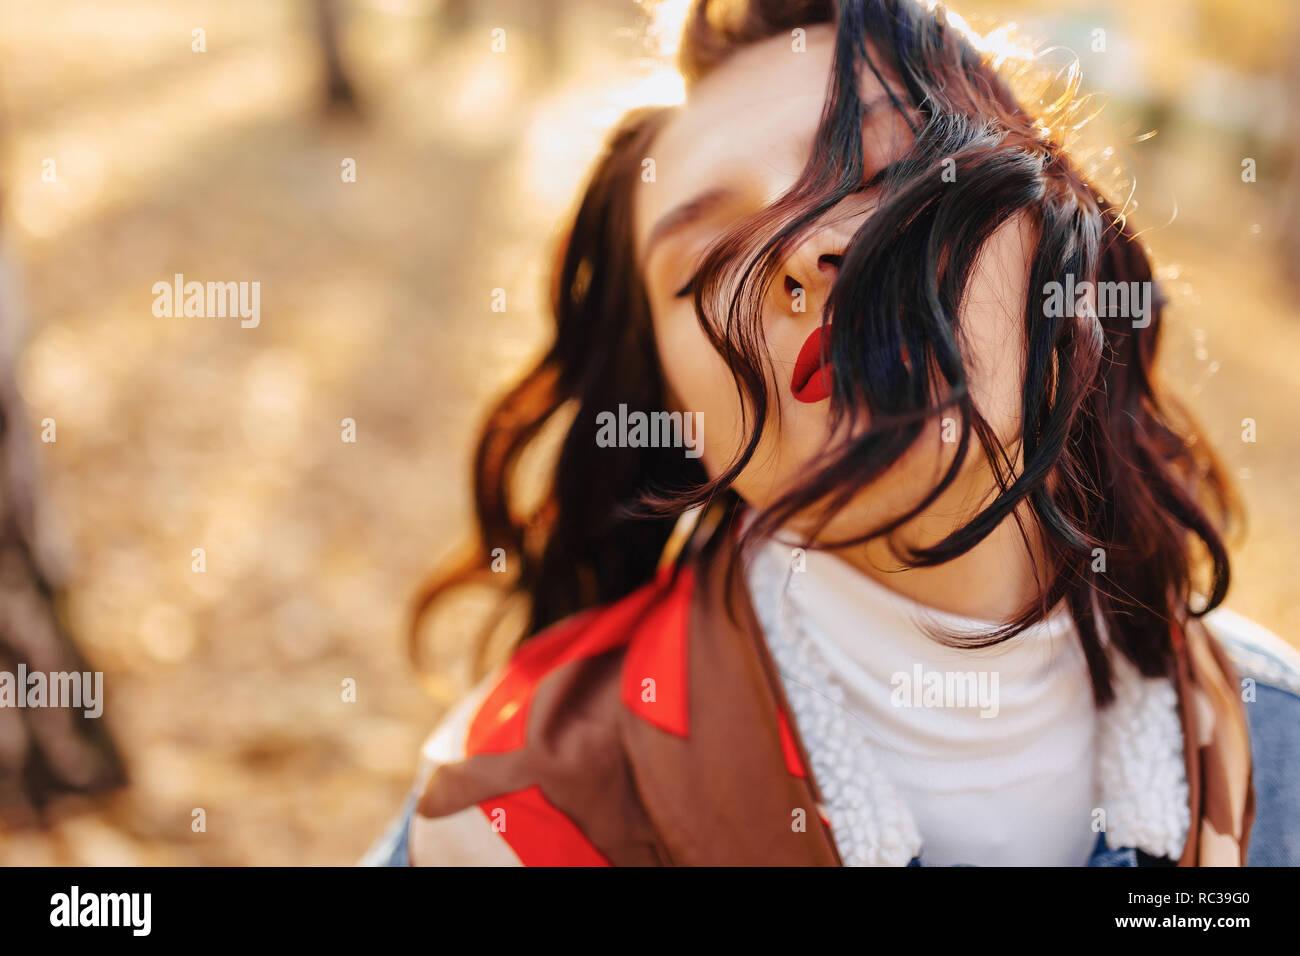 Joven chica bonita con labios rojos y pelo corto en un abrigo de mezclilla camina en la soleada ciudad de otoño Foto de stock